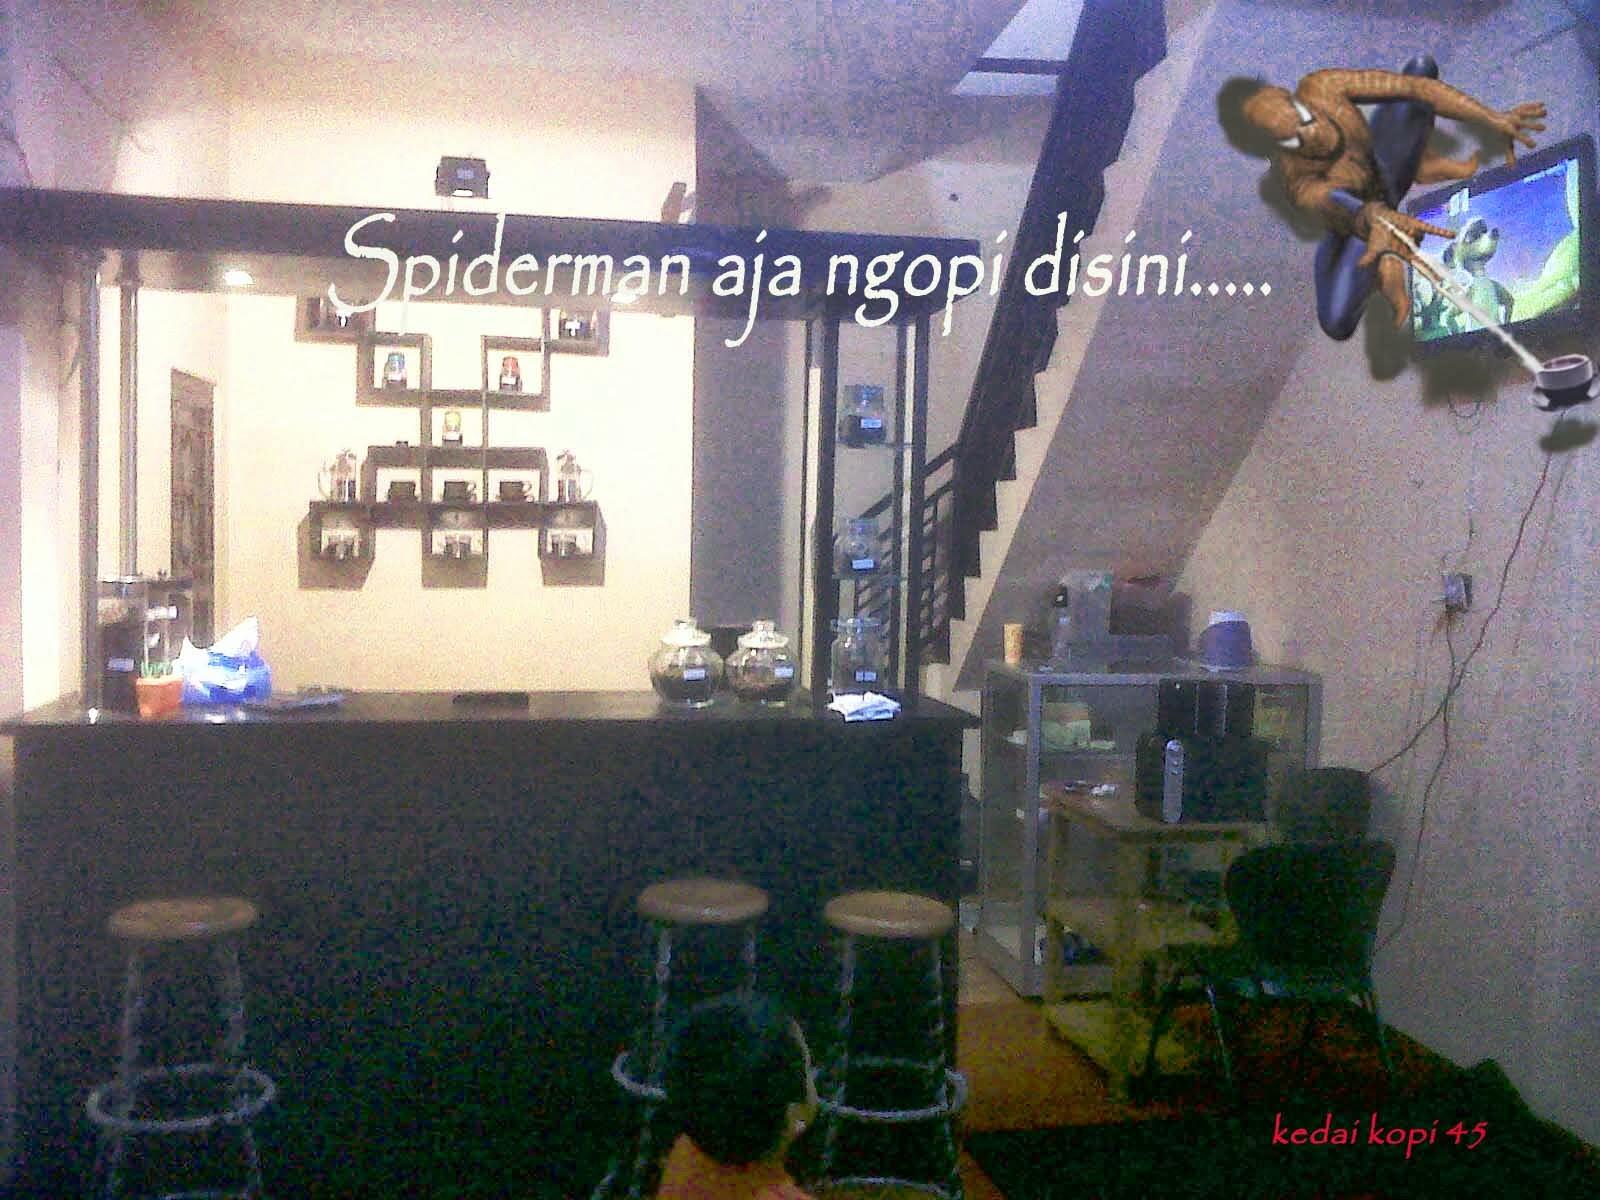 kedai kopi 45